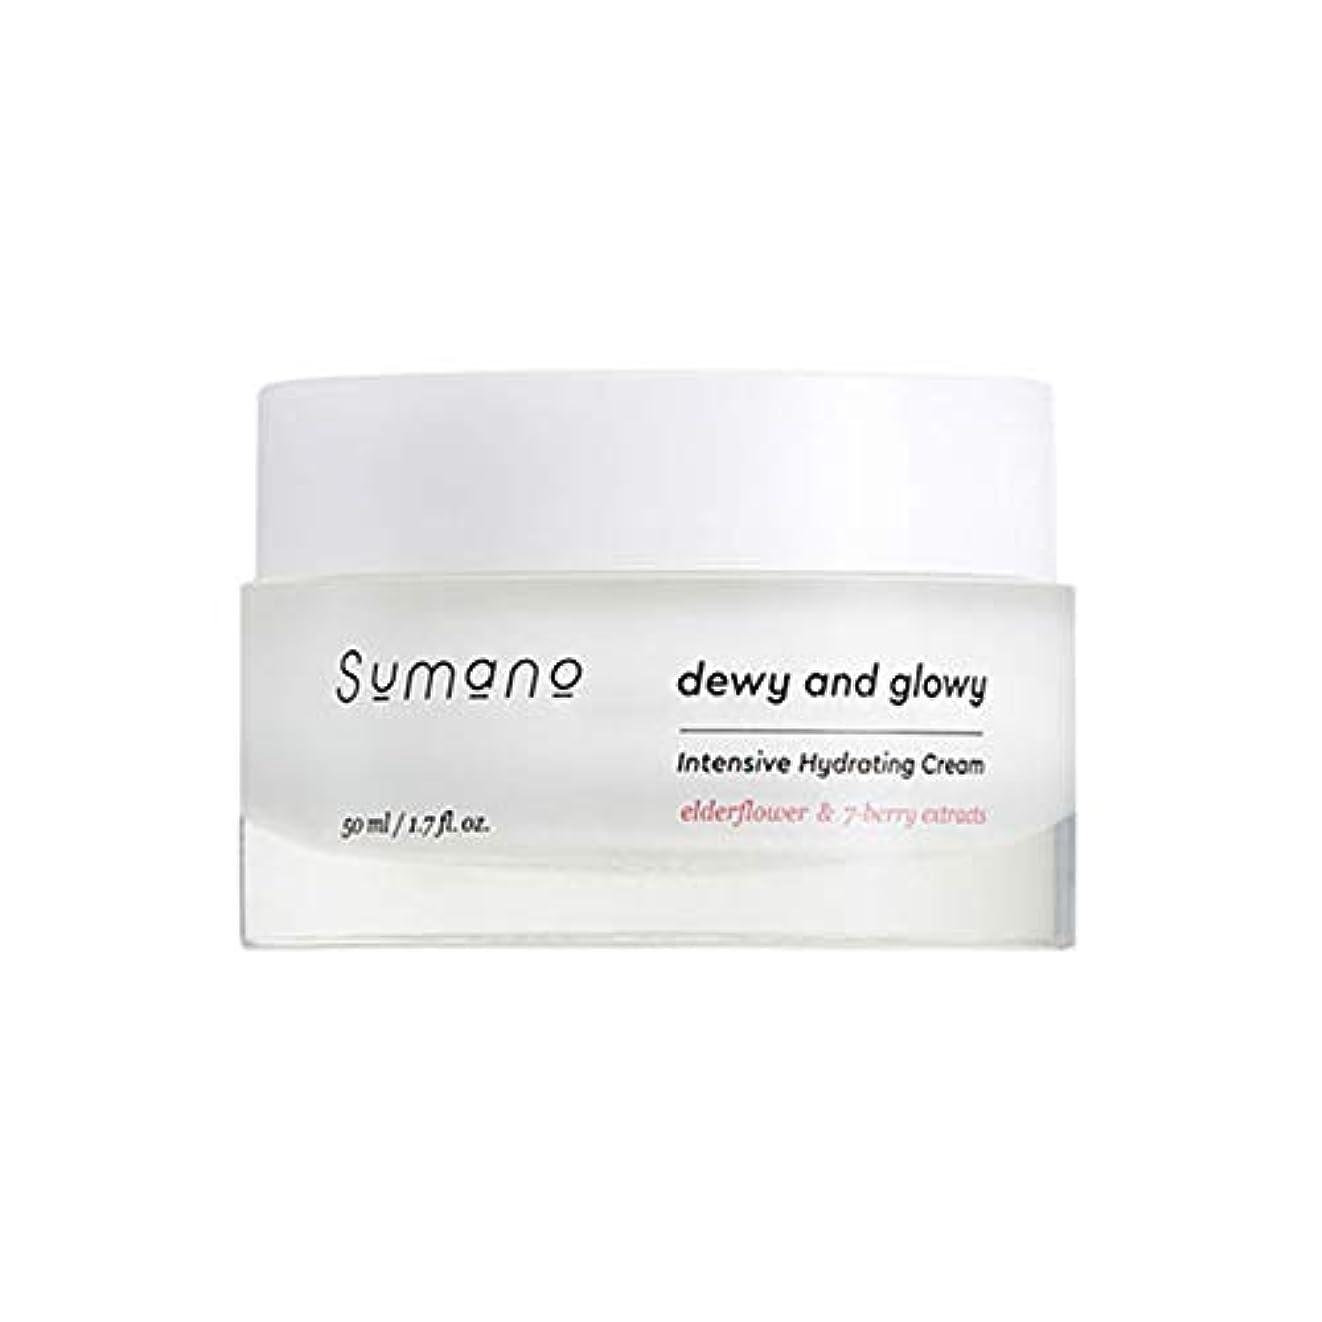 期限ブッシュこの[SUMANO/スマノ] Sumano Intensive Hydrating Cream/インテンシブクリーム Skingarden/スキンガーデン